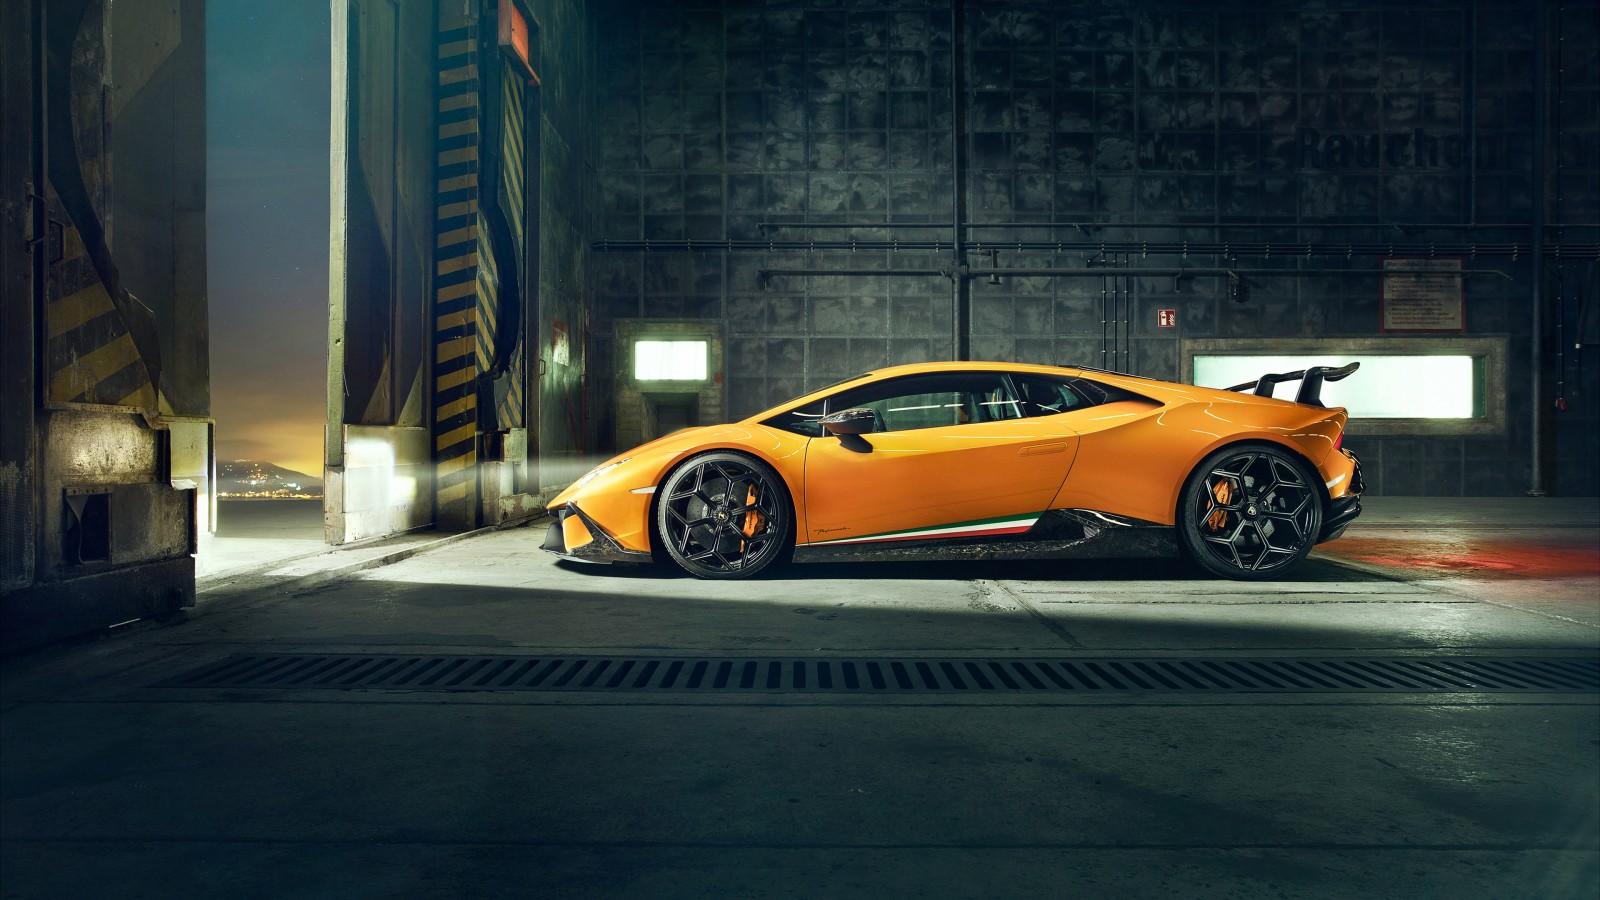 Desktop Wallpaper 3d Nature Novitec Lamborghini Huracan Perfomante 2018 4k Wallpapers